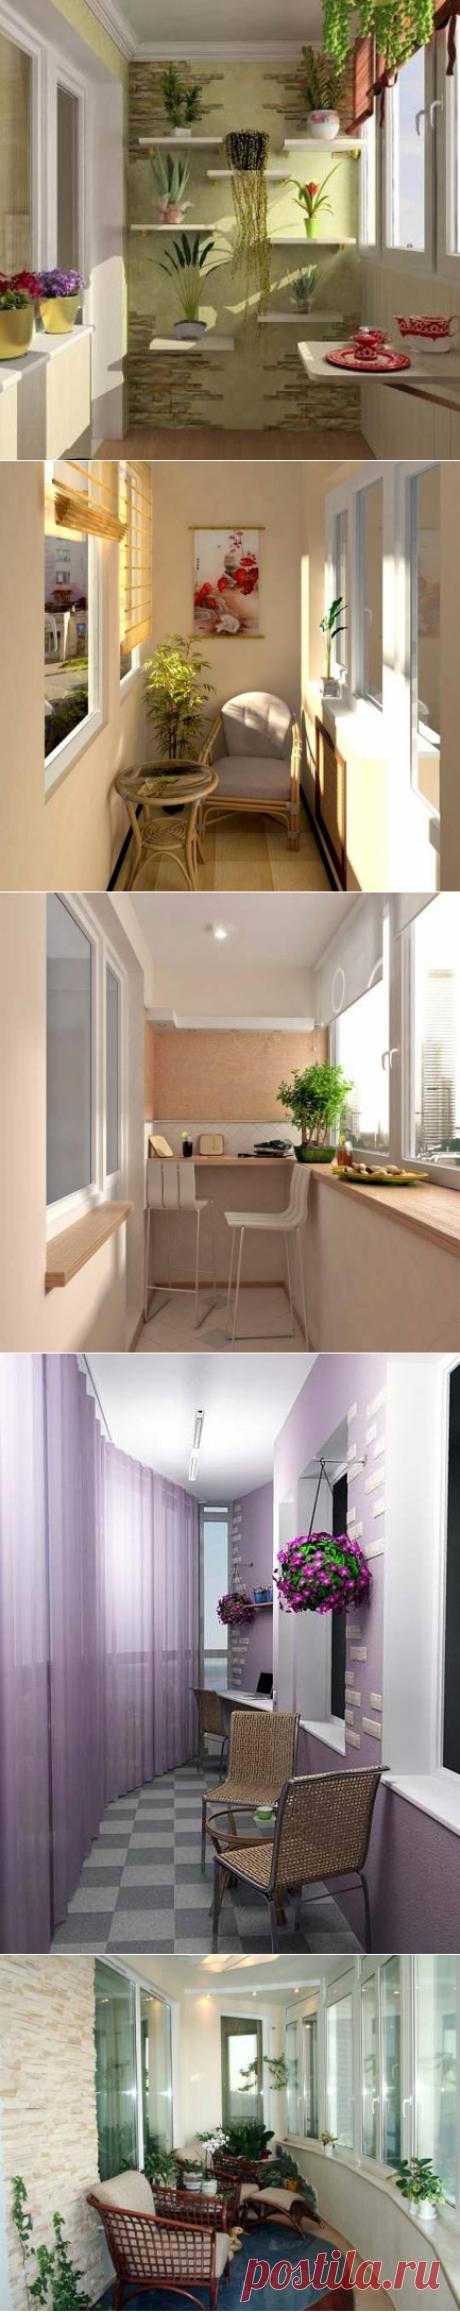 Идеи обустройства балкона и лоджии на FurnishHome.ru